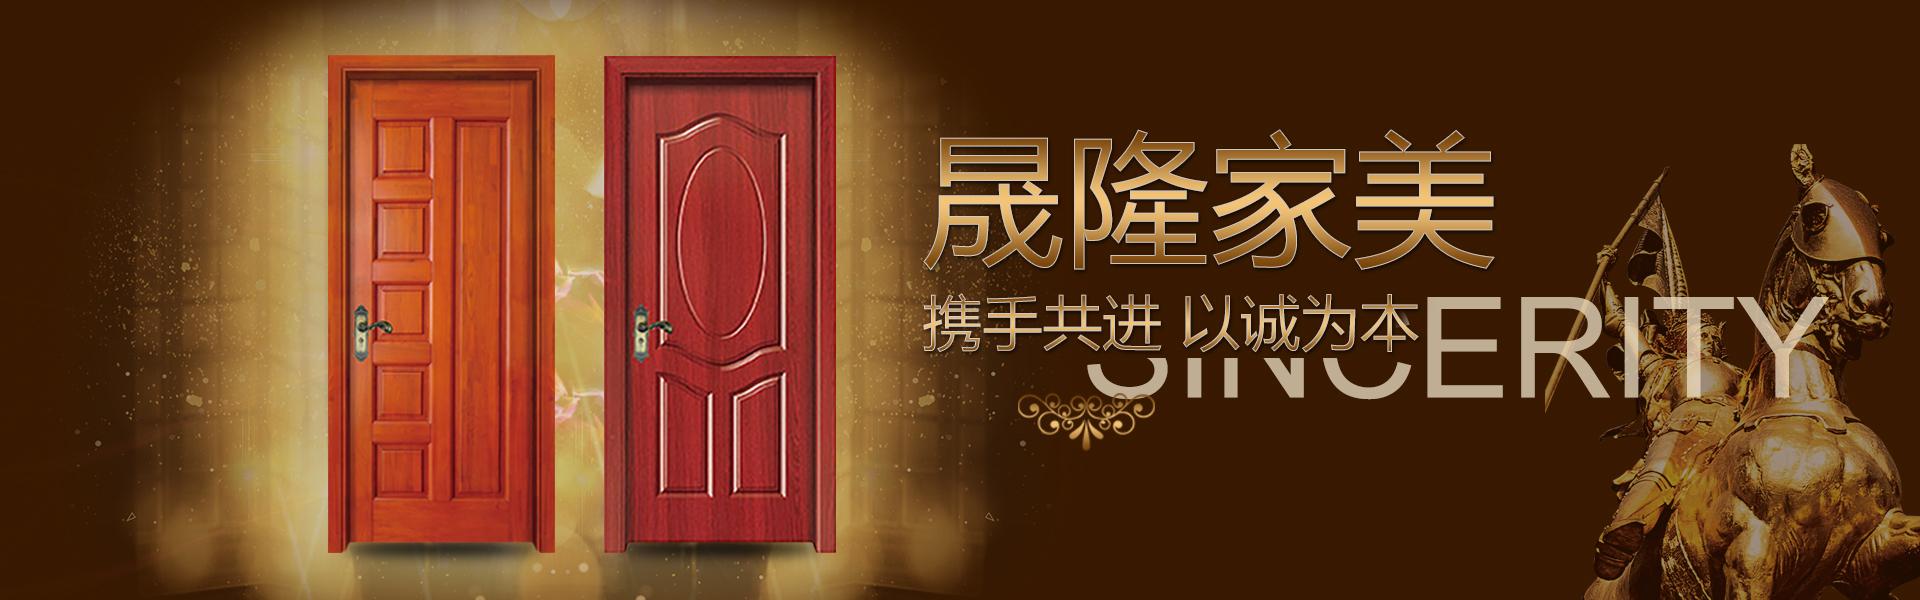 室内免漆门厂家,室内烤漆门厂家,山东生态强化门,临沂实木烤漆门